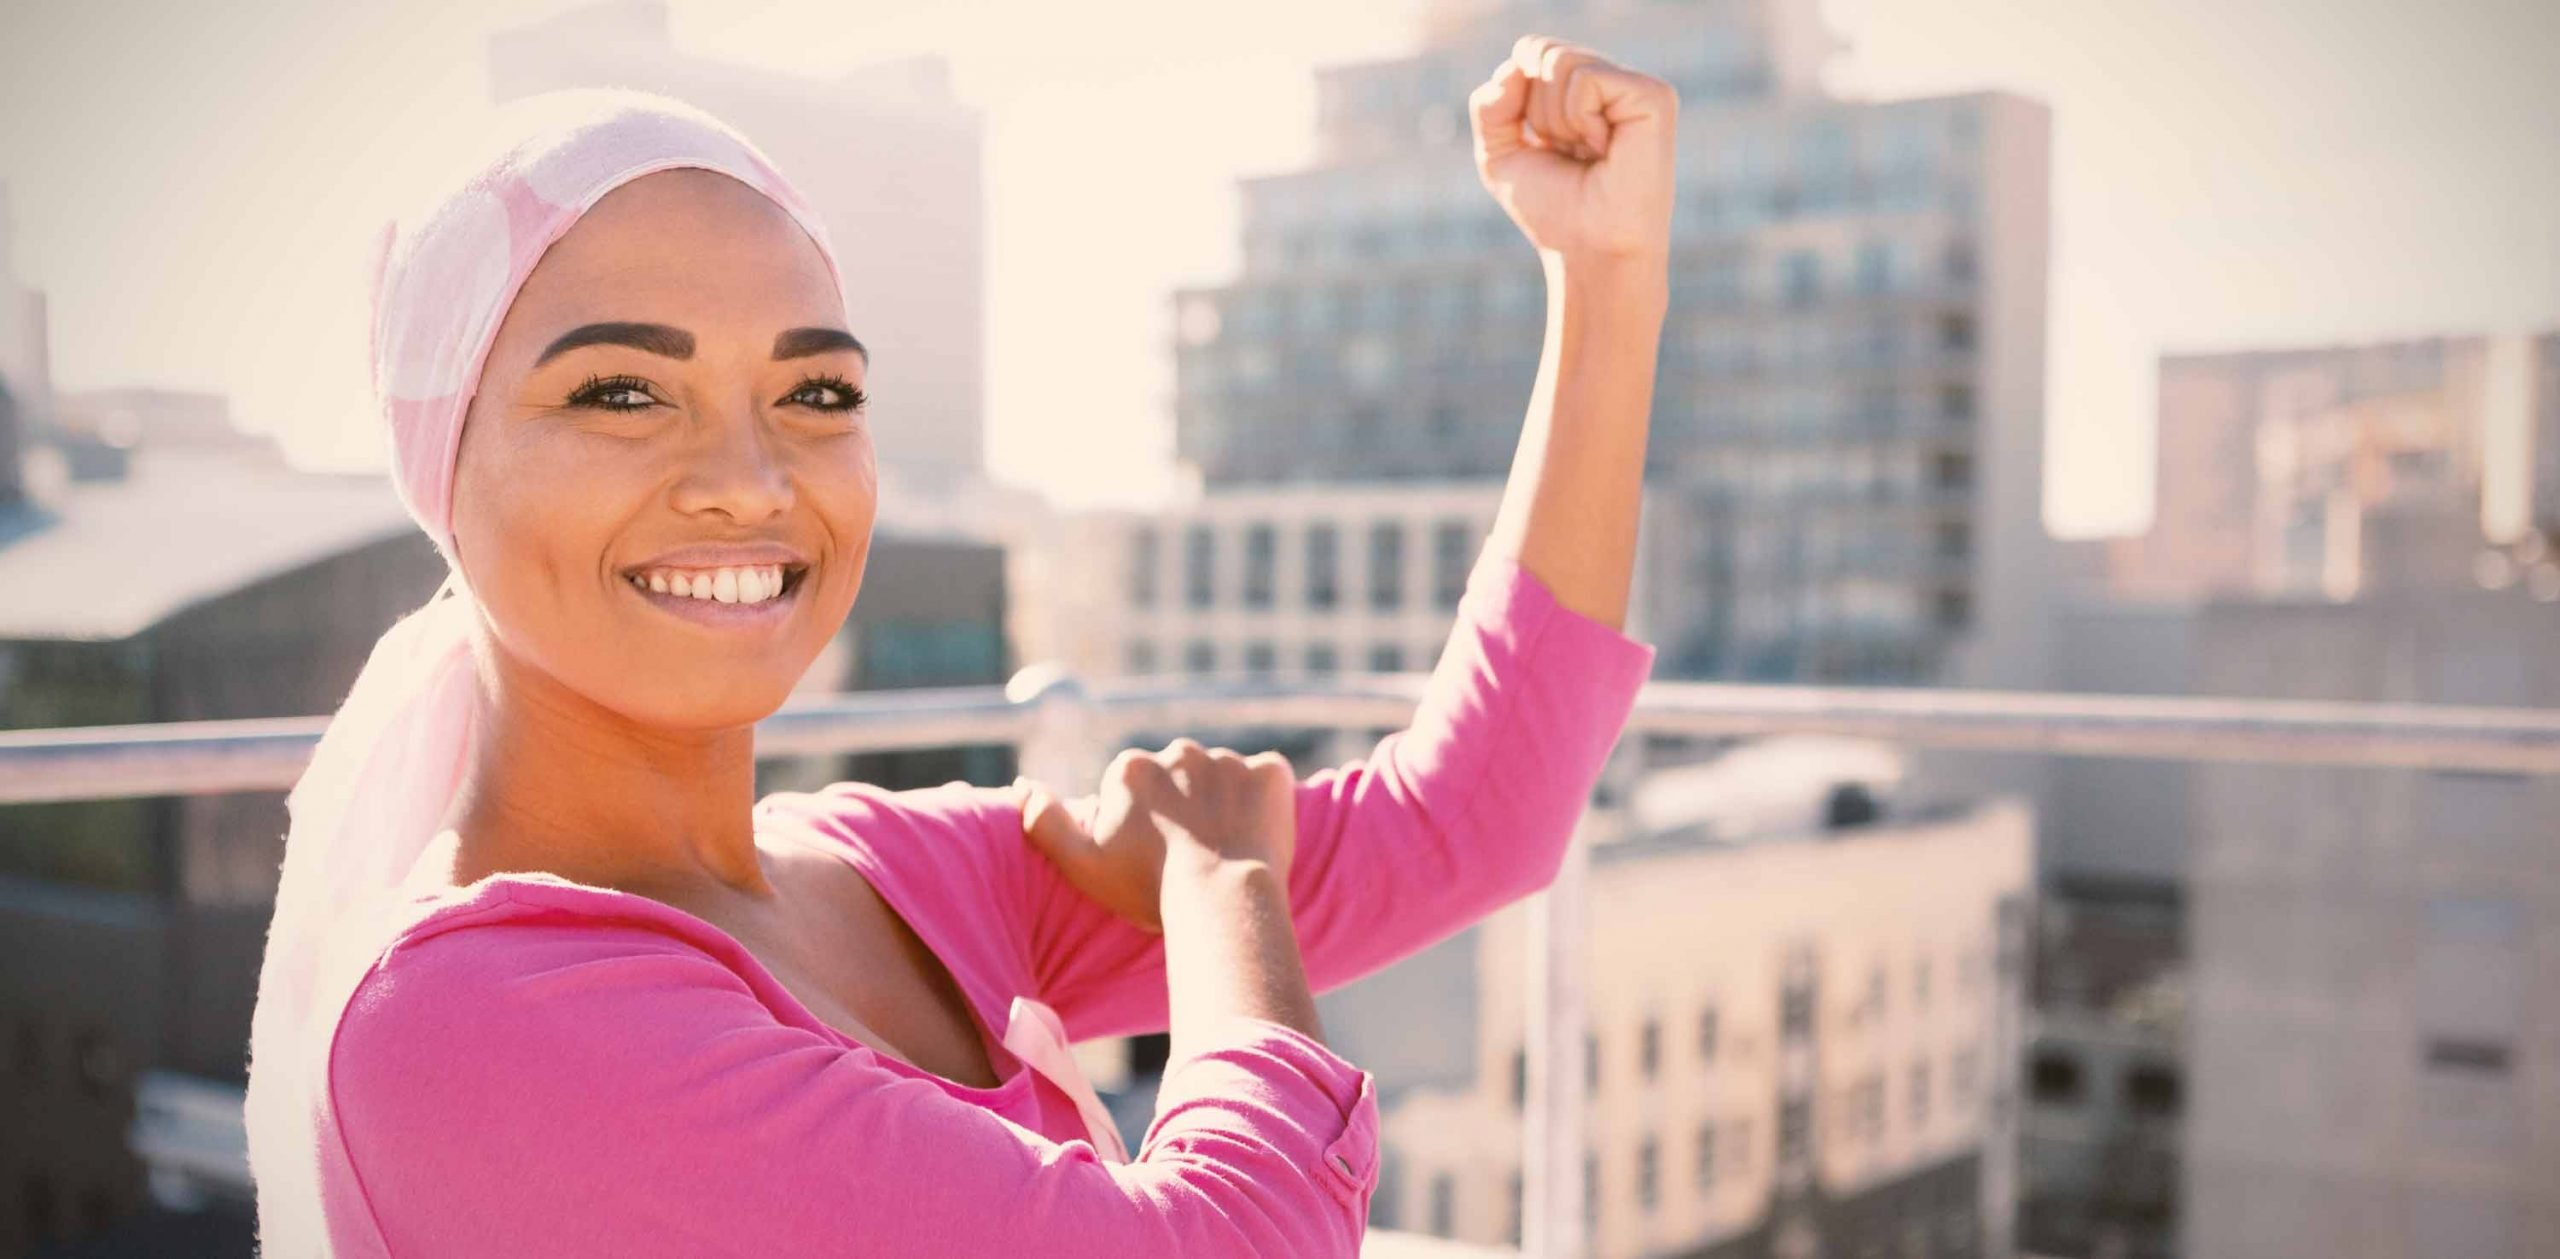 الشفاء من سرطان الثدي - قصّة سيّدة من السُعودية شُفيت من سَرطان الثدي